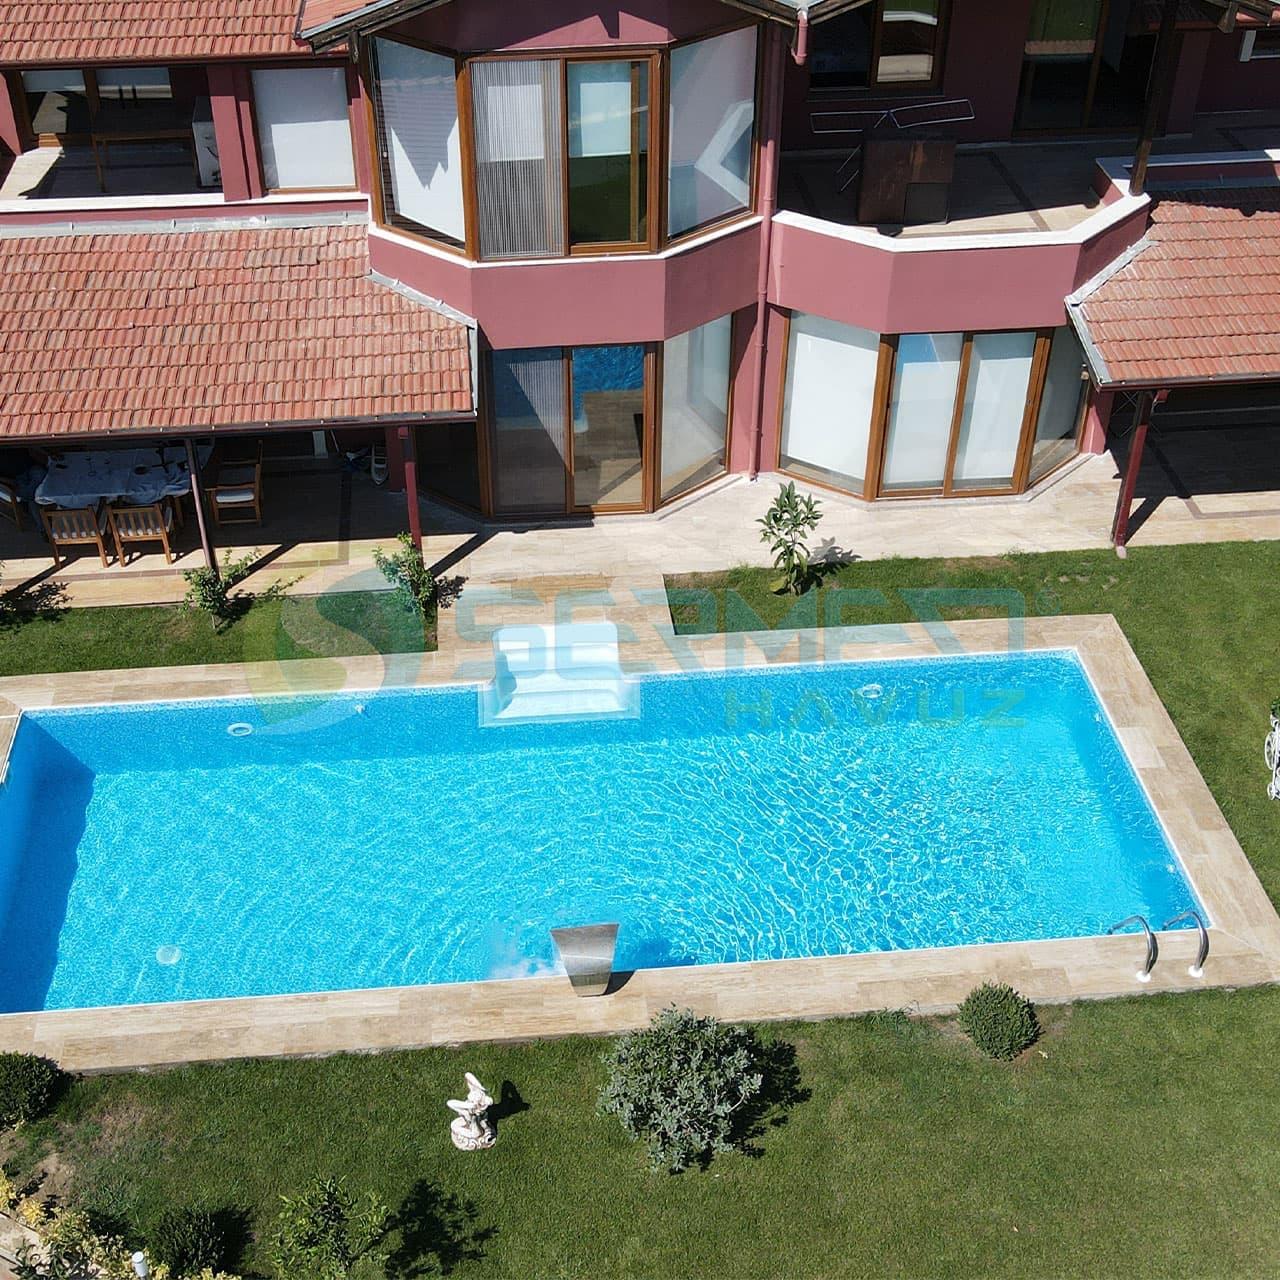 Salihli Manisa'da Rasim Bey Fipool Plus Havuz Sermed Havuz tarafından yapıldı.